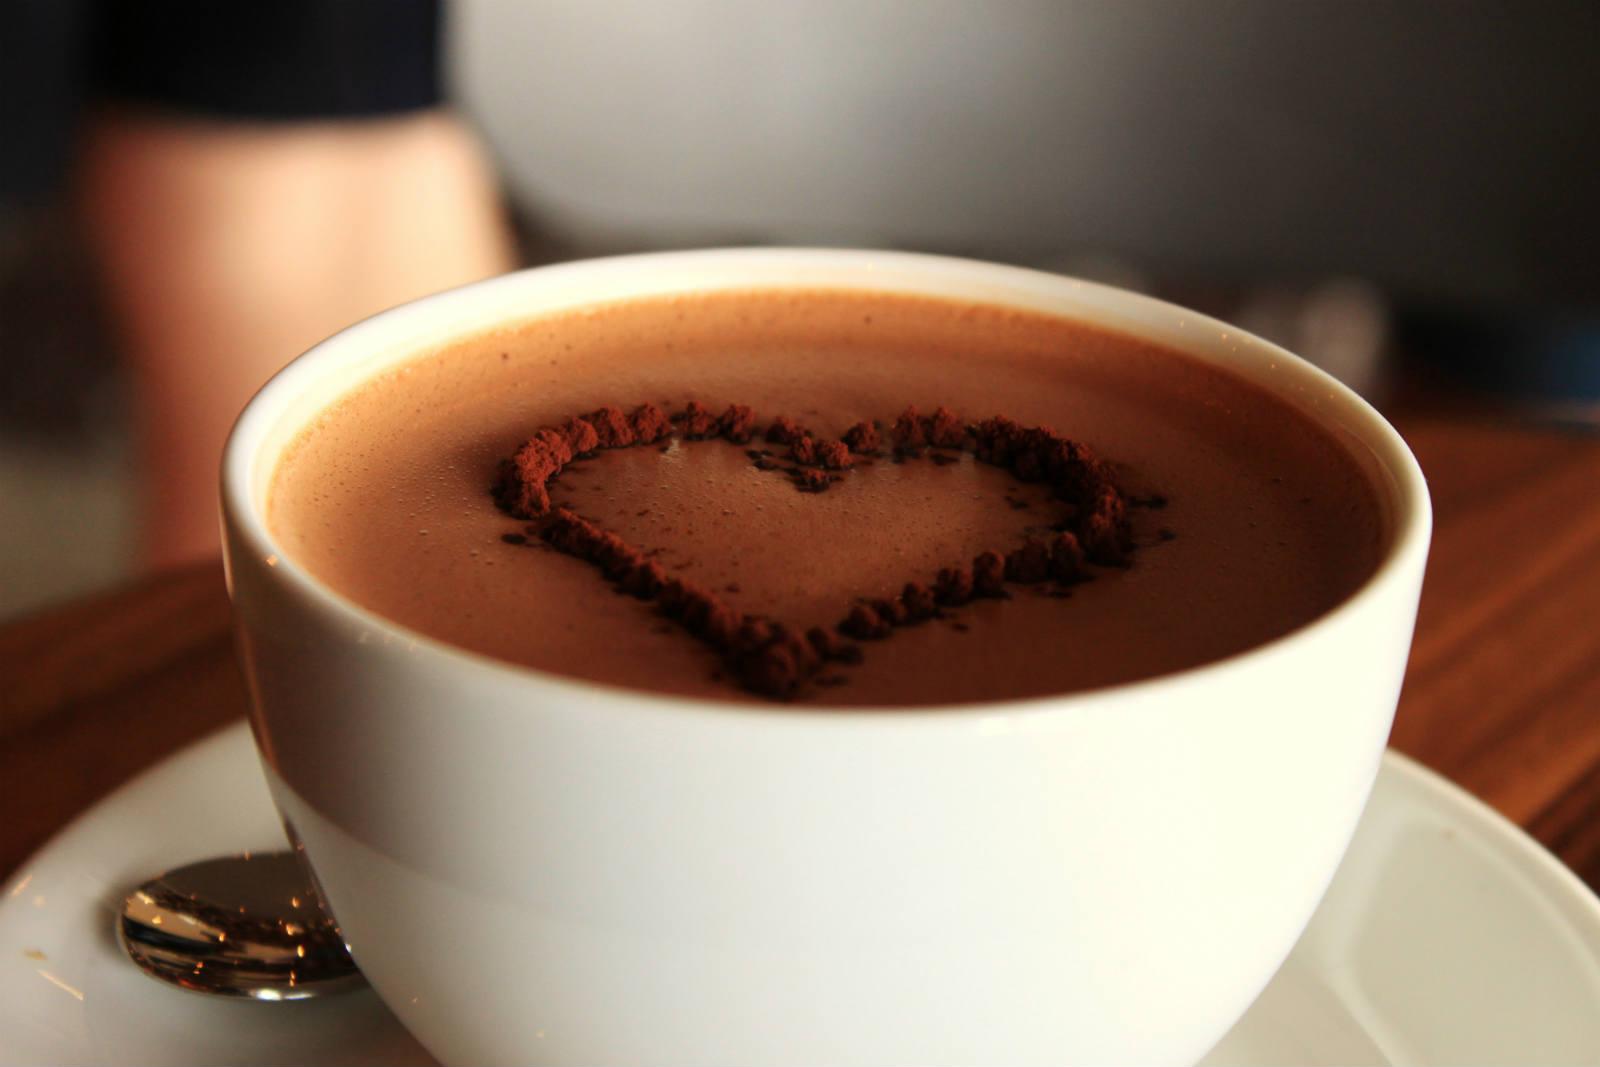 فوائد مشروب الكاكاو للصحة الجلدية مذهلة